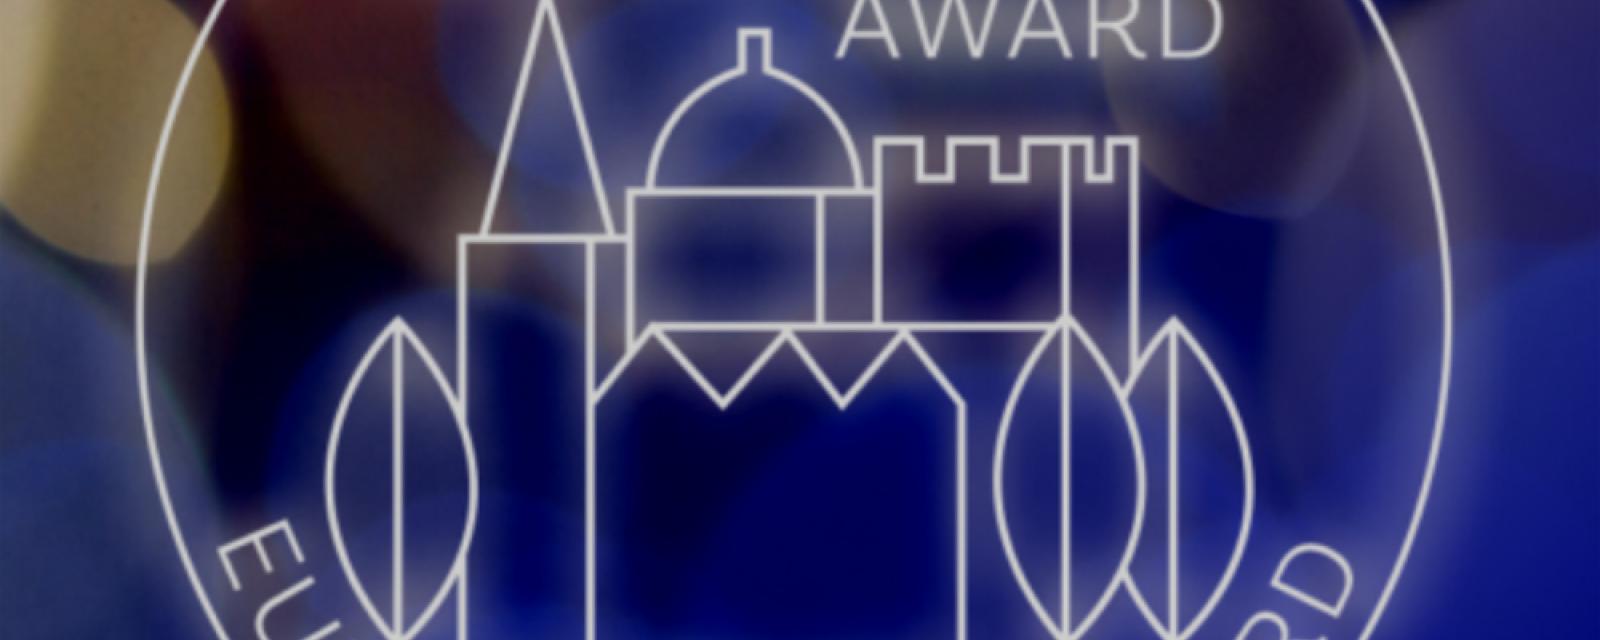 european-heritage-awards